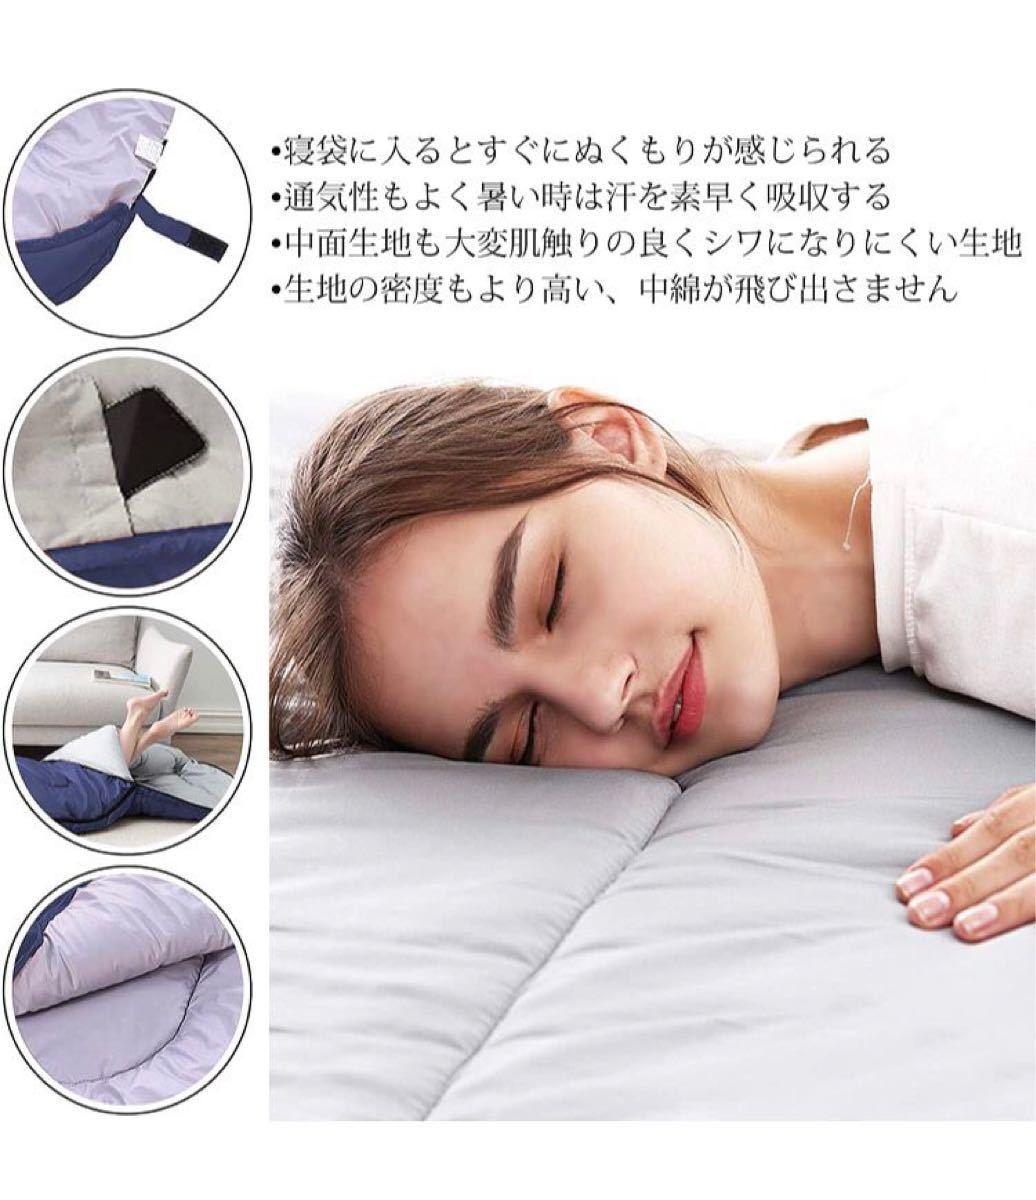 寝袋 封筒型 軽量 保温 210T防水シュラフ アウトドア キャンプ 防災用